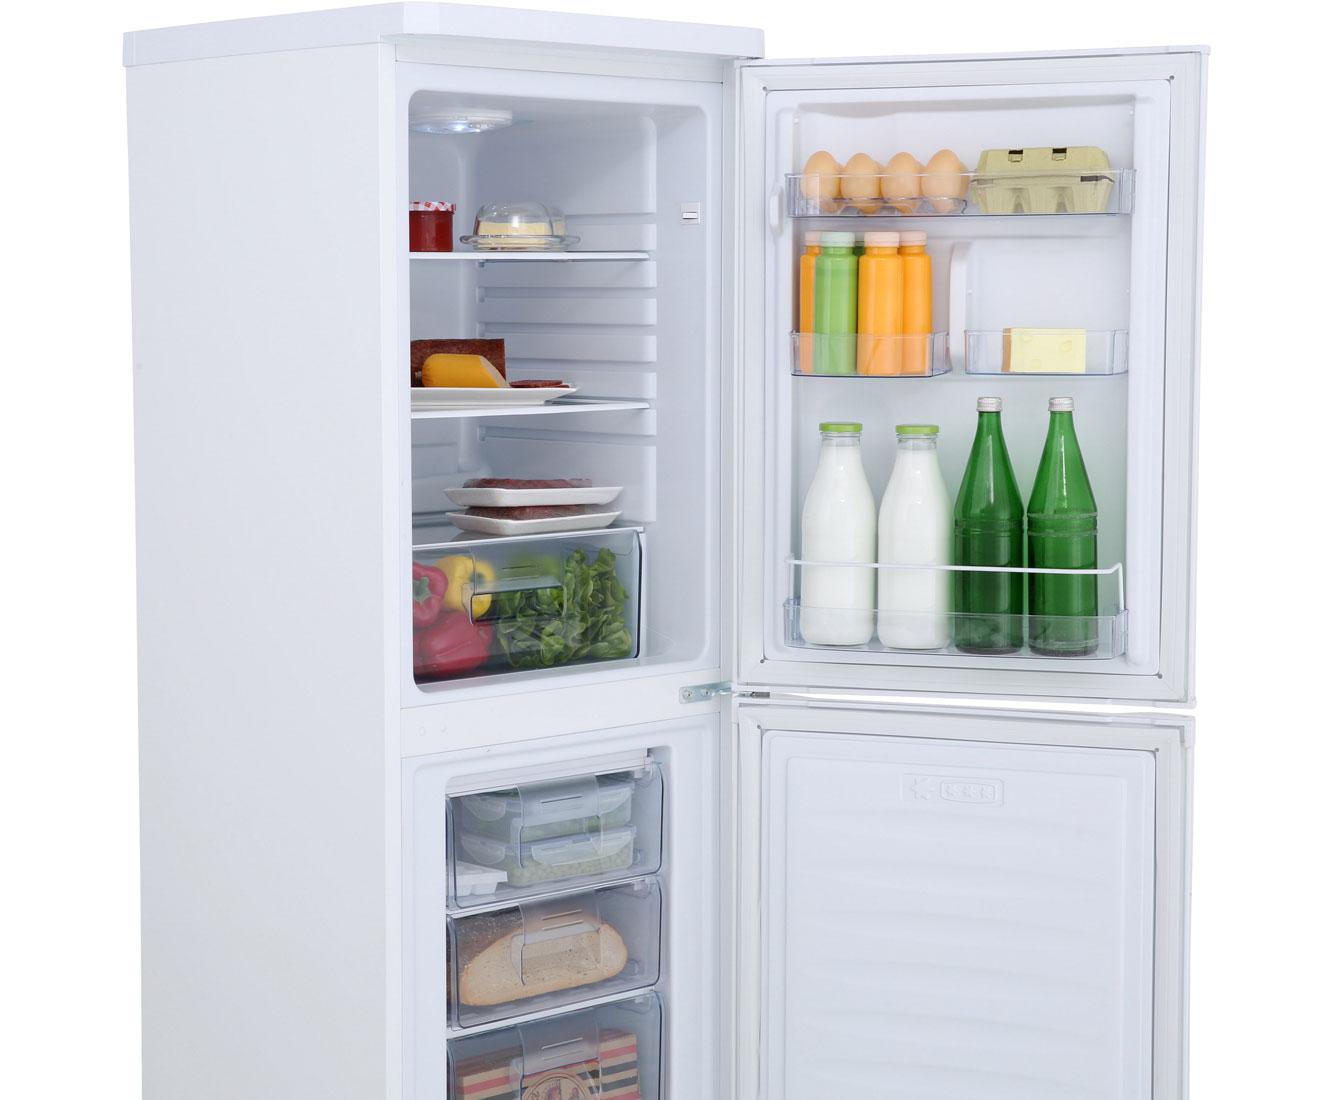 Gorenje Kühlschrank Seriennummer : Amica kgc 15095 w kühl gefrierkombination 55er breite weiß a